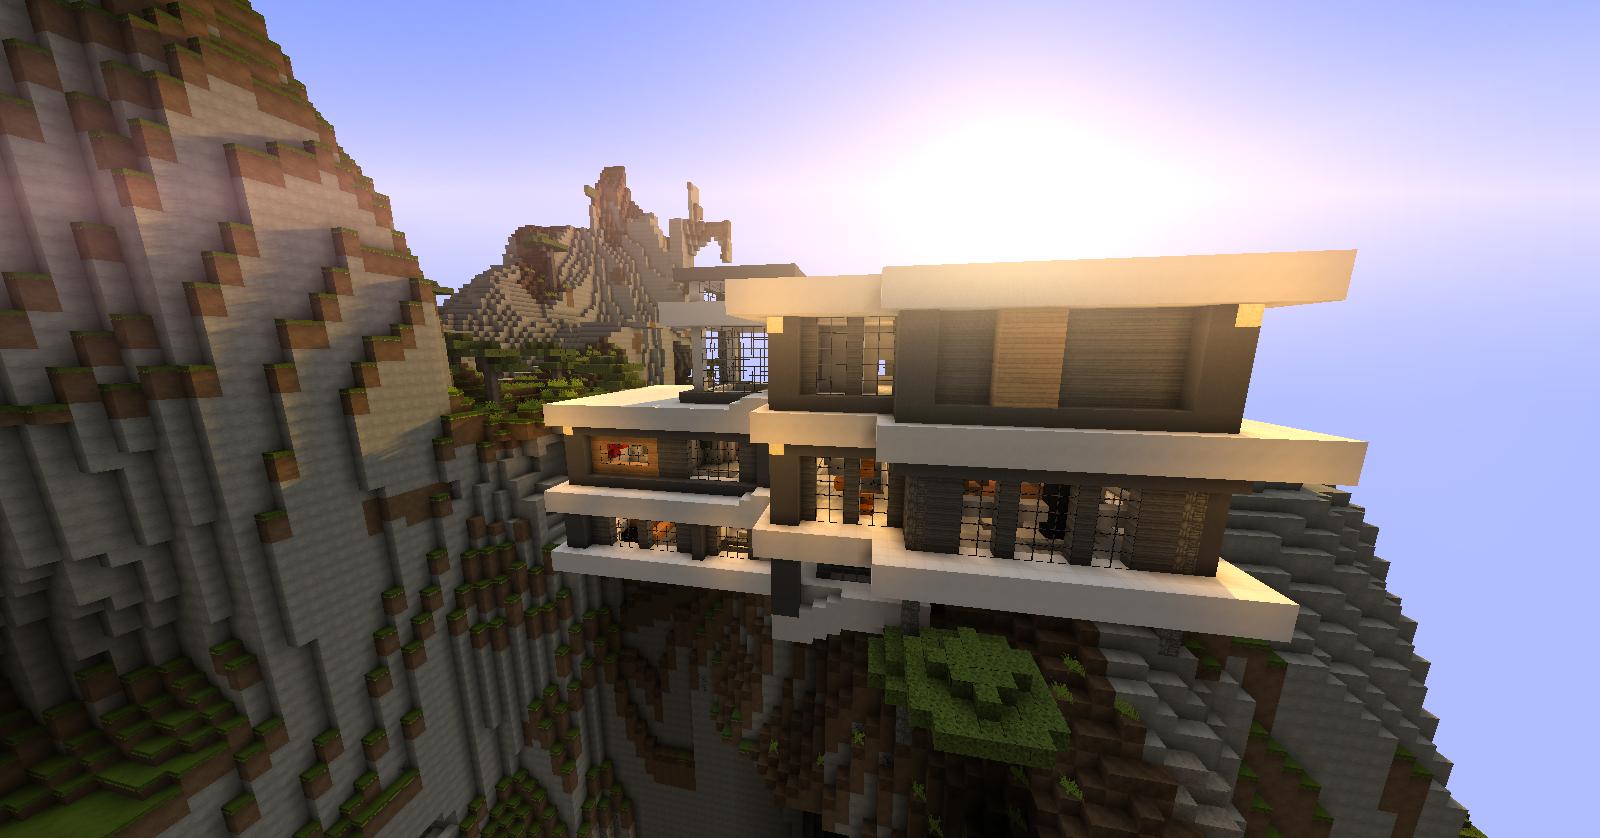 Maison minecraft for Minecraft modernes haus download 1 7 2